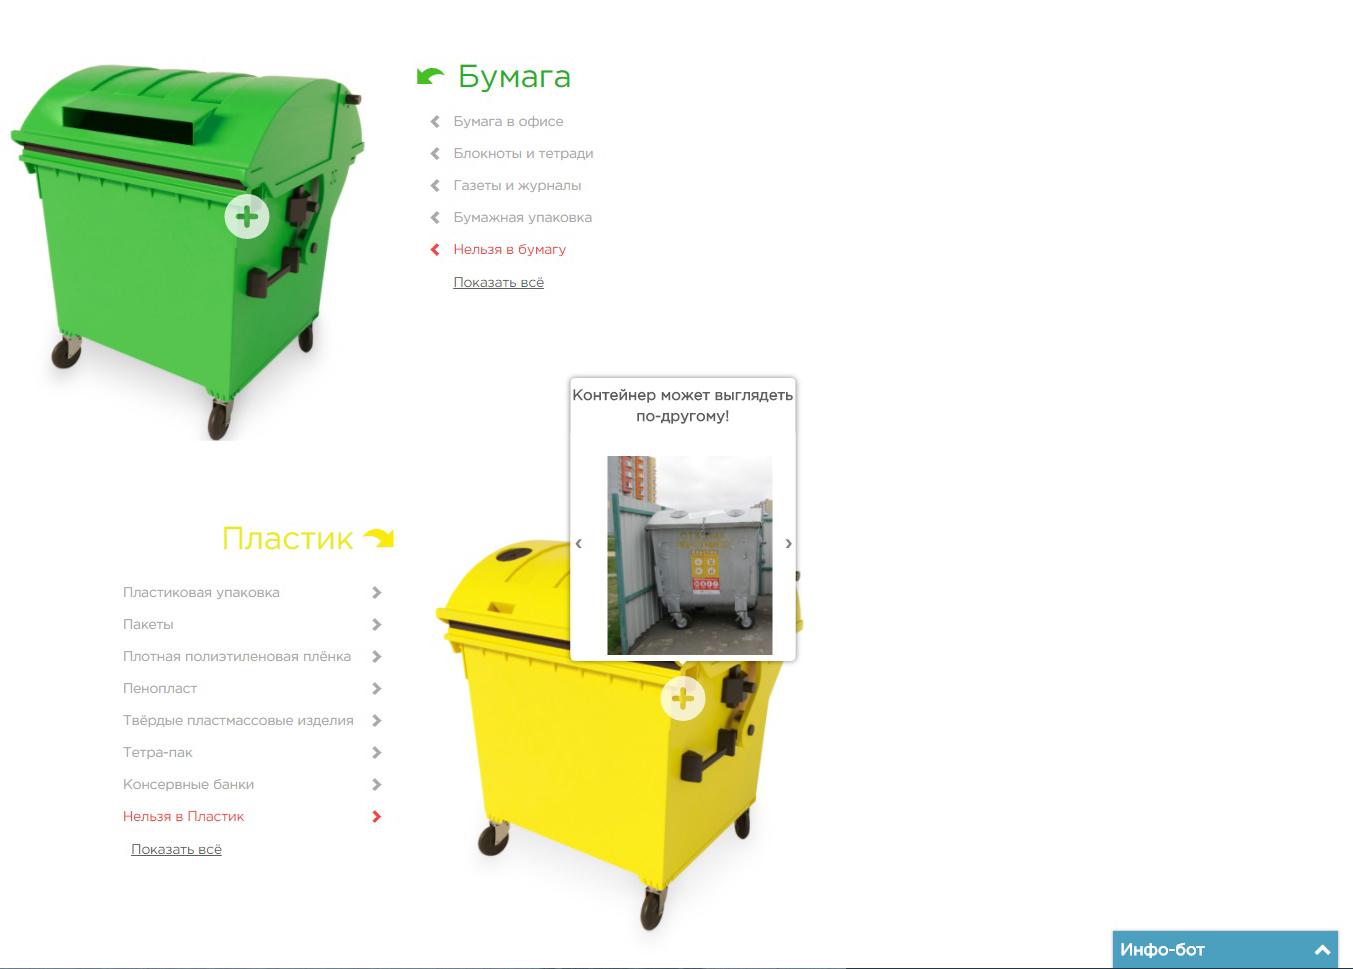 Инструкция по сортировке отходов